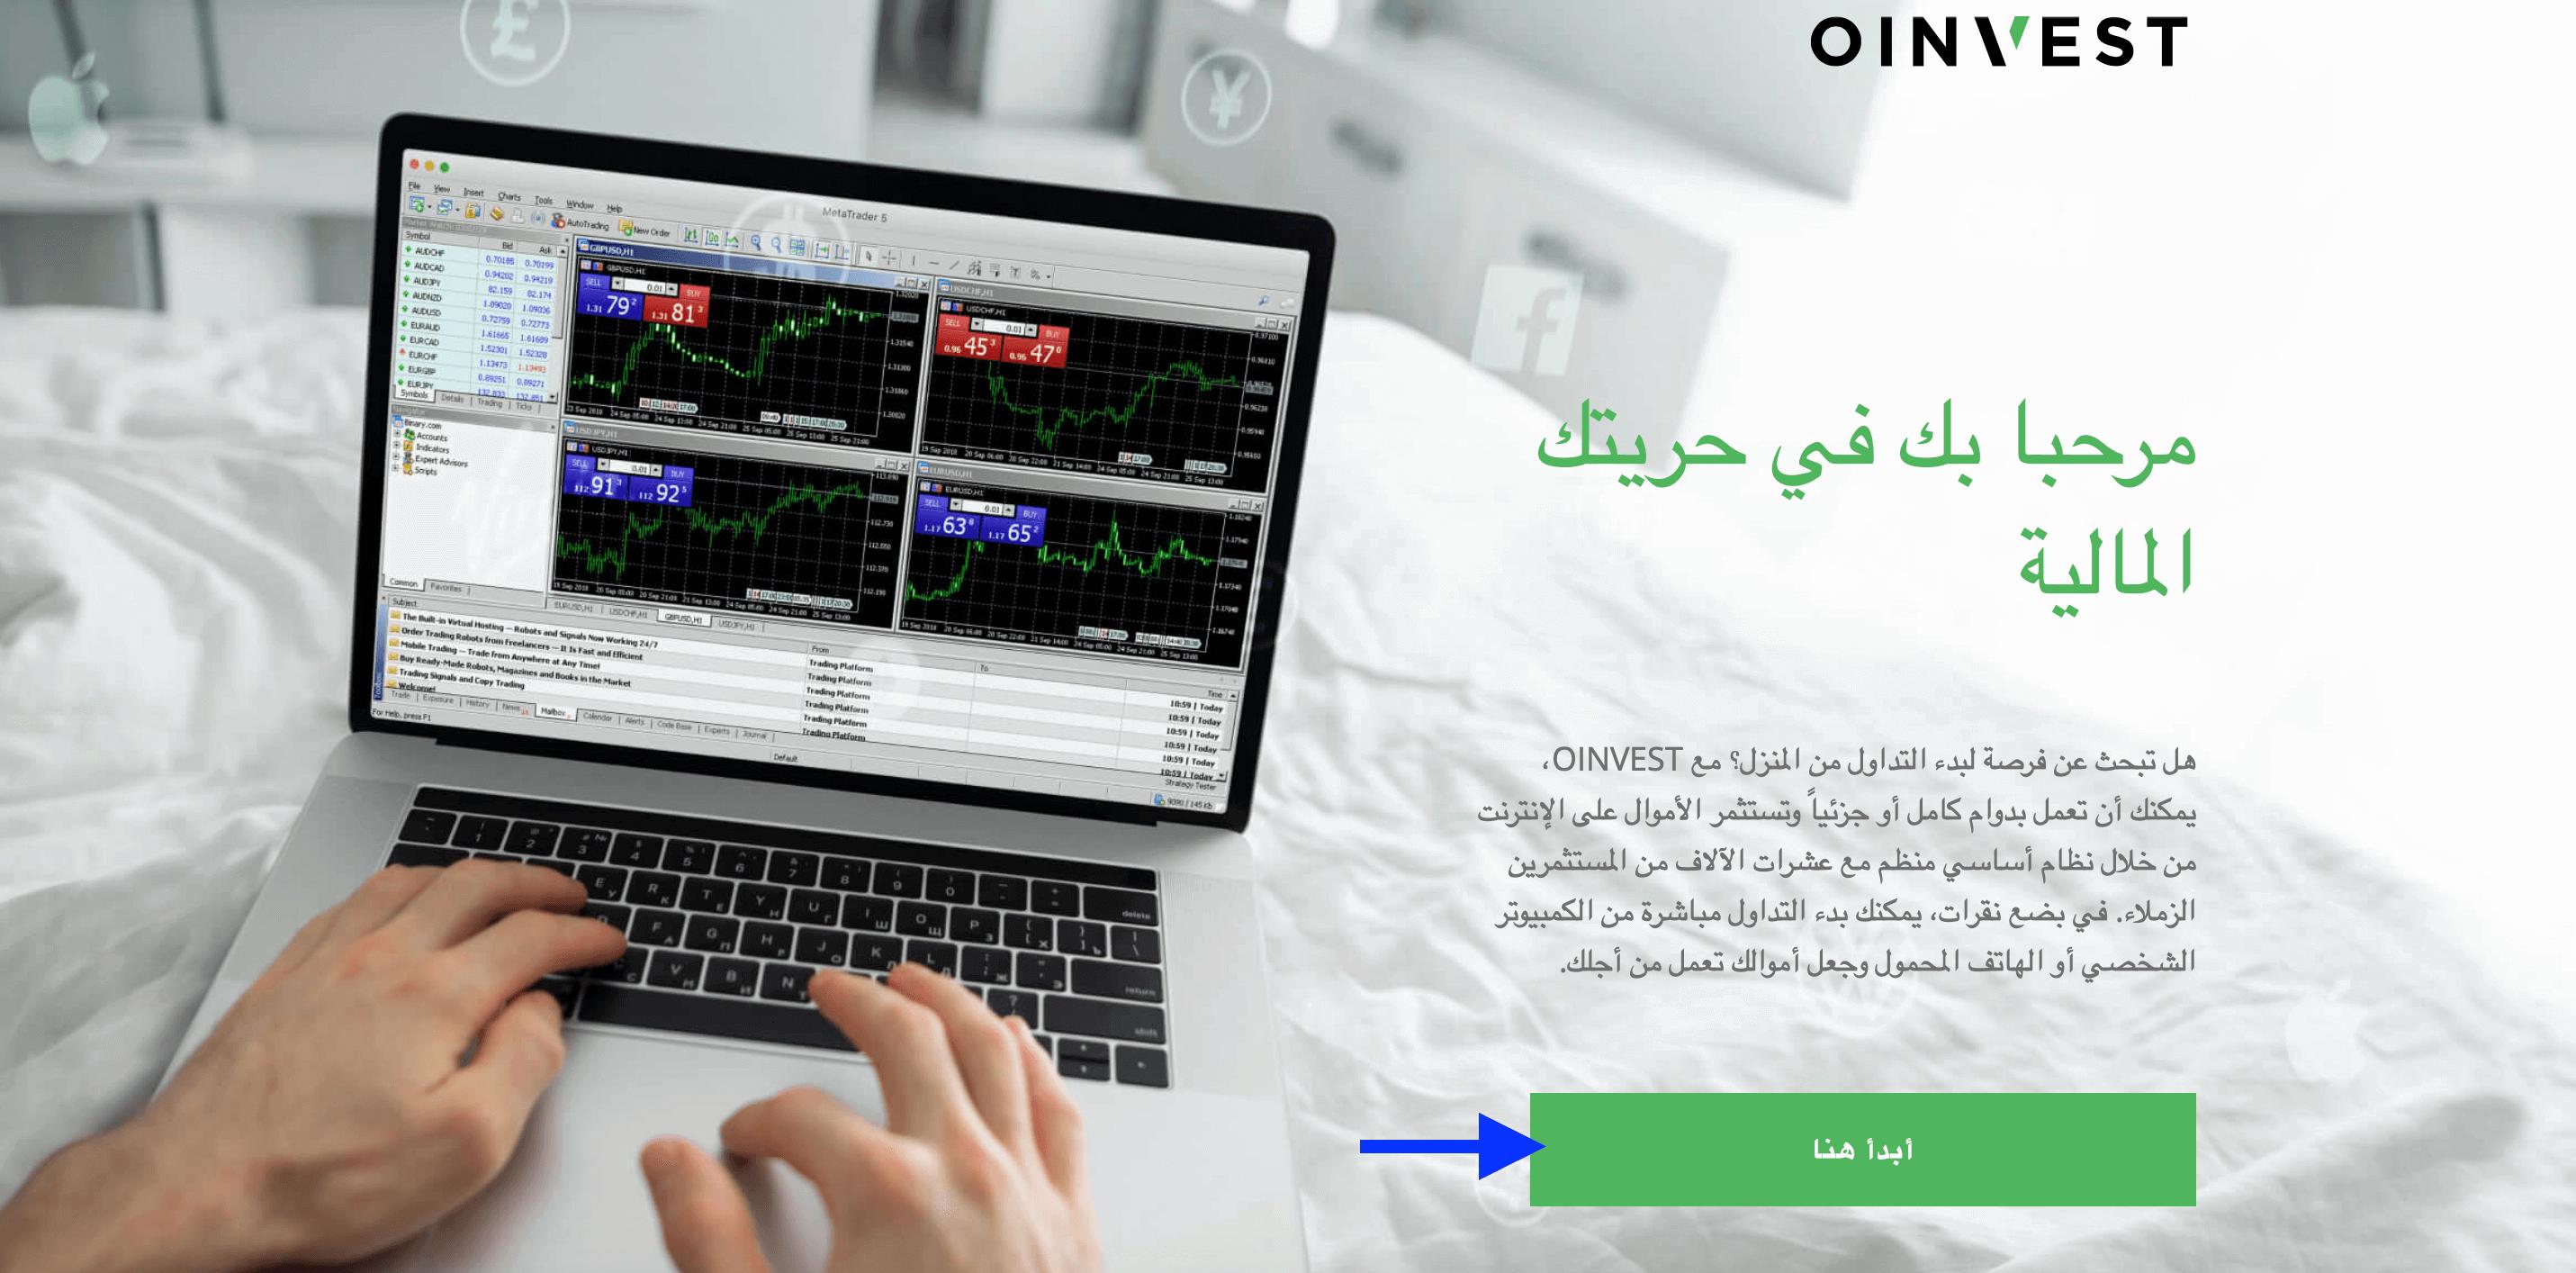 كيفية فتح حساب Oinvest